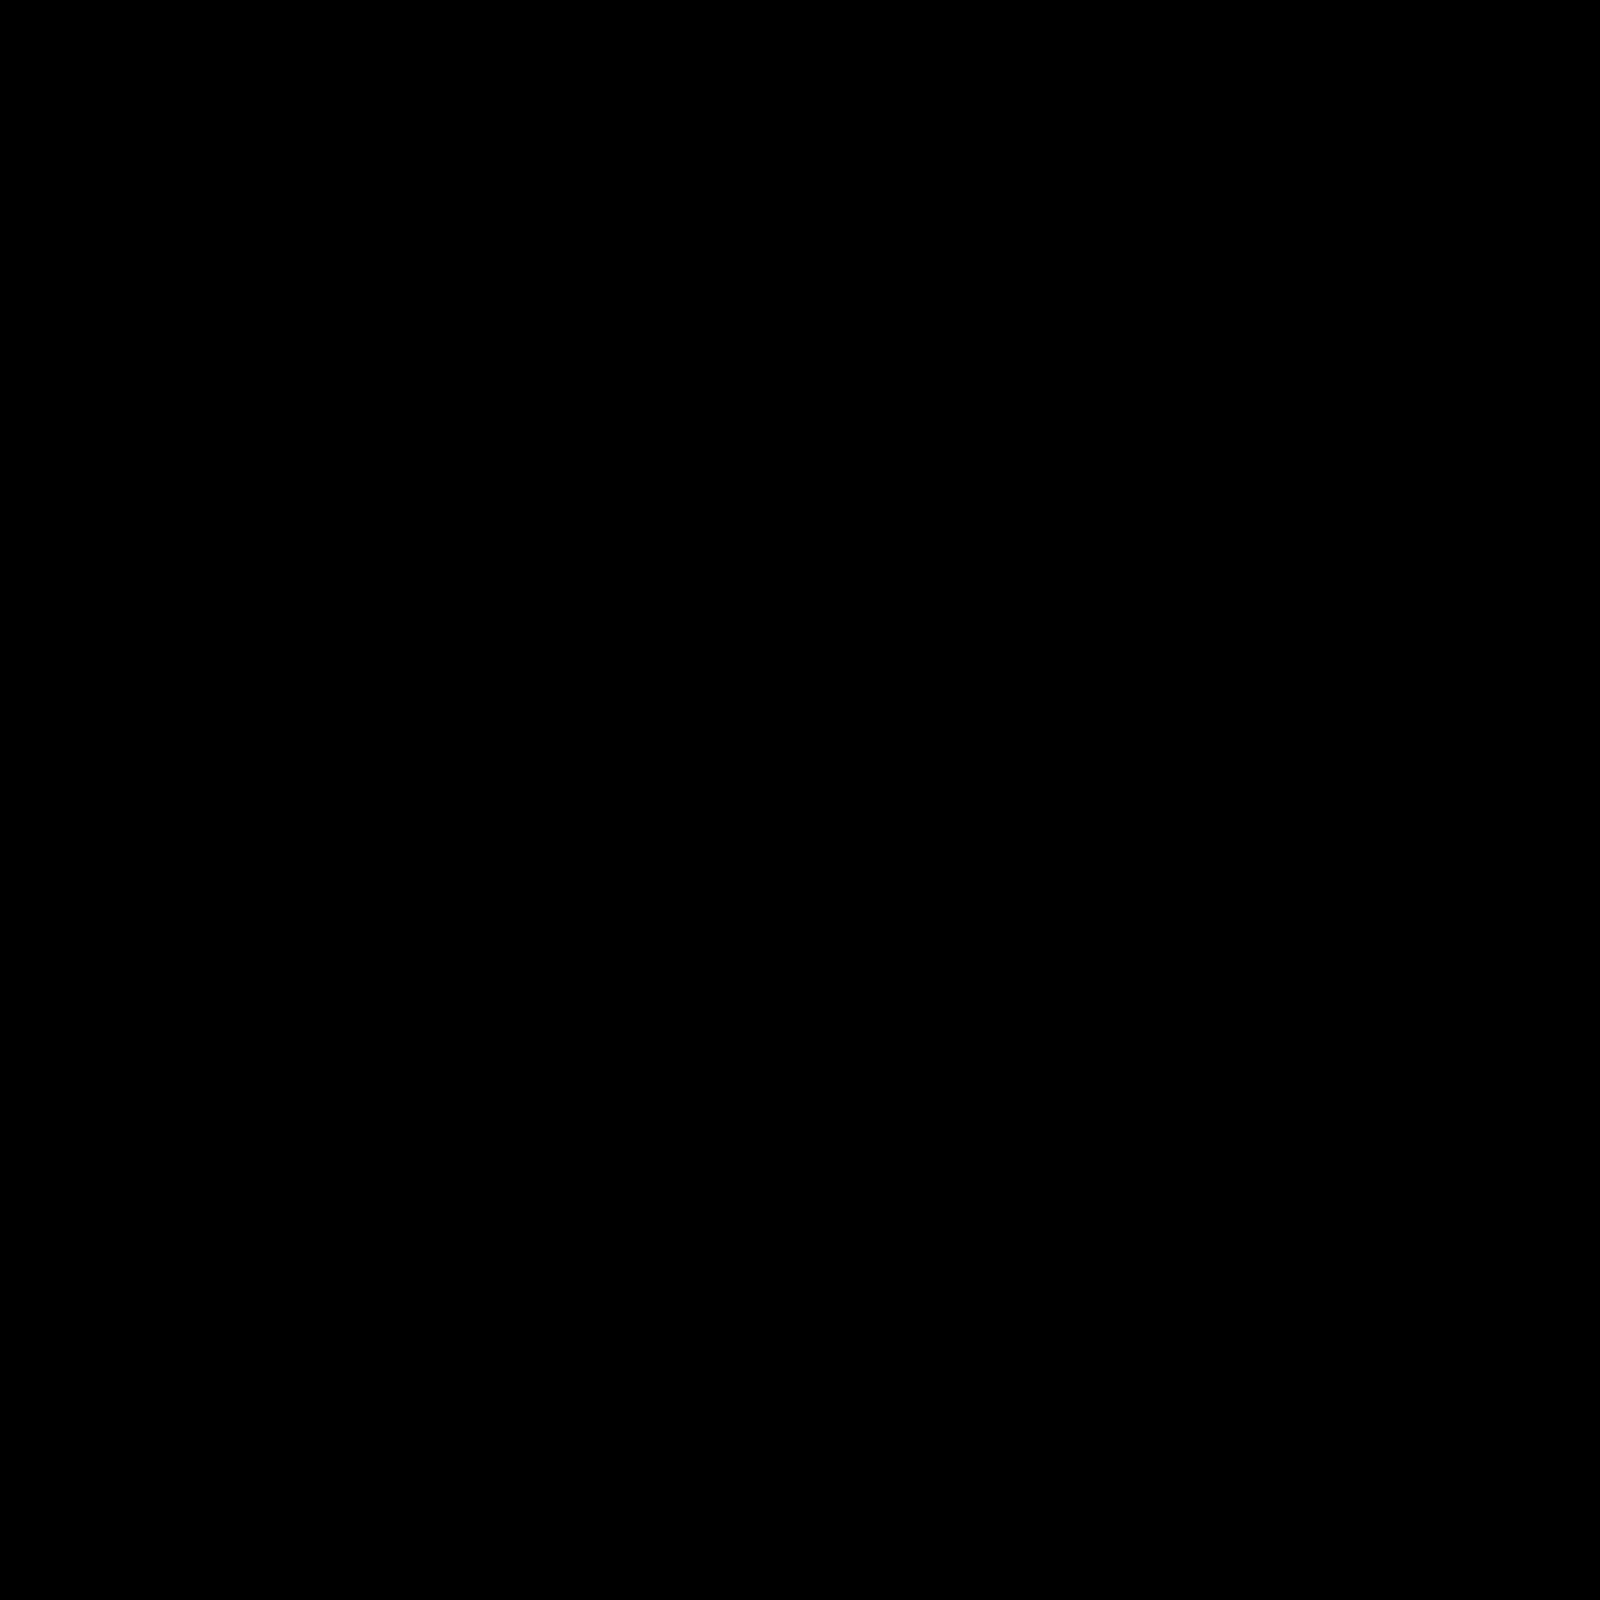 Иконка Spotnet - скачать бесплатно в PNG и векторе cf0c7777fed